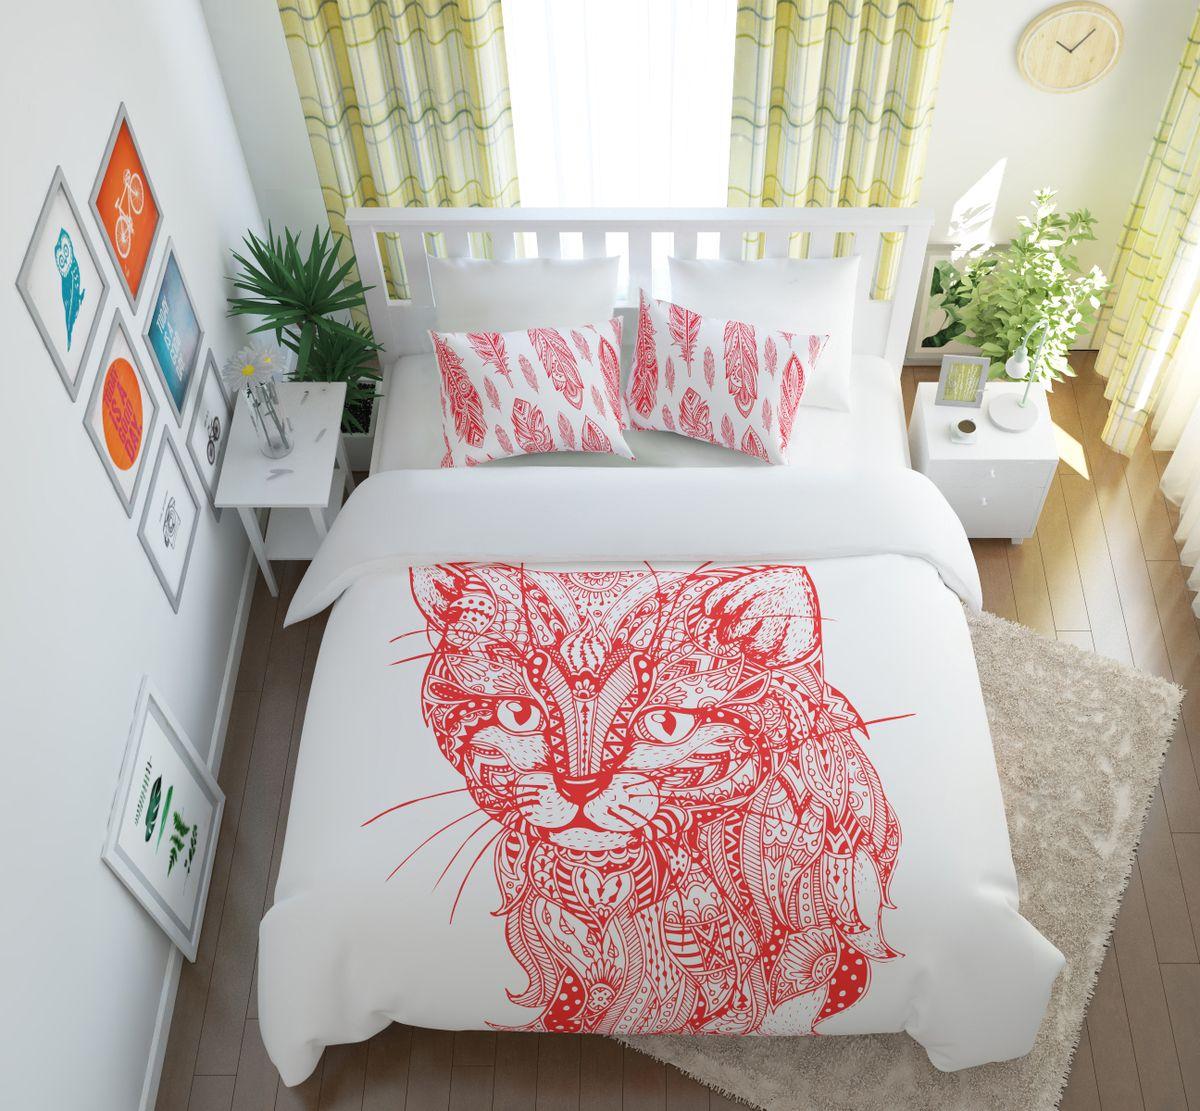 Комплект белья Сирень Волшебный кот, 1,5-спальный, наволочки 50x7007127-КПБ-МКомплект постельного белья Сирень выполнен из прочной и мягкой ткани. Четкий и стильный рисунок в сочетании с насыщенными красками делают комплект постельного белья неповторимой изюминкой любого интерьера. Постельное белье идеально подойдет для подарка. Идеальное соотношение смешенной ткани и гипоаллергенных красок это гарантия здорового, спокойного сна. Ткань хорошо впитывает влагу, надолго сохраняет яркость красок. Цвет простыни, пододеяльника, наволочки в комплектации может немного отличаться от представленного на фото. В комплект входят: простынь - 150х220см; пододельяник 145х210 см; наволочка - 50х70х2шт. Постельное белье легко стирать при 30-40 градусах, гладить при 150 градусах, не отбеливать.Рекомендуется перед первым изпользованием постирать.